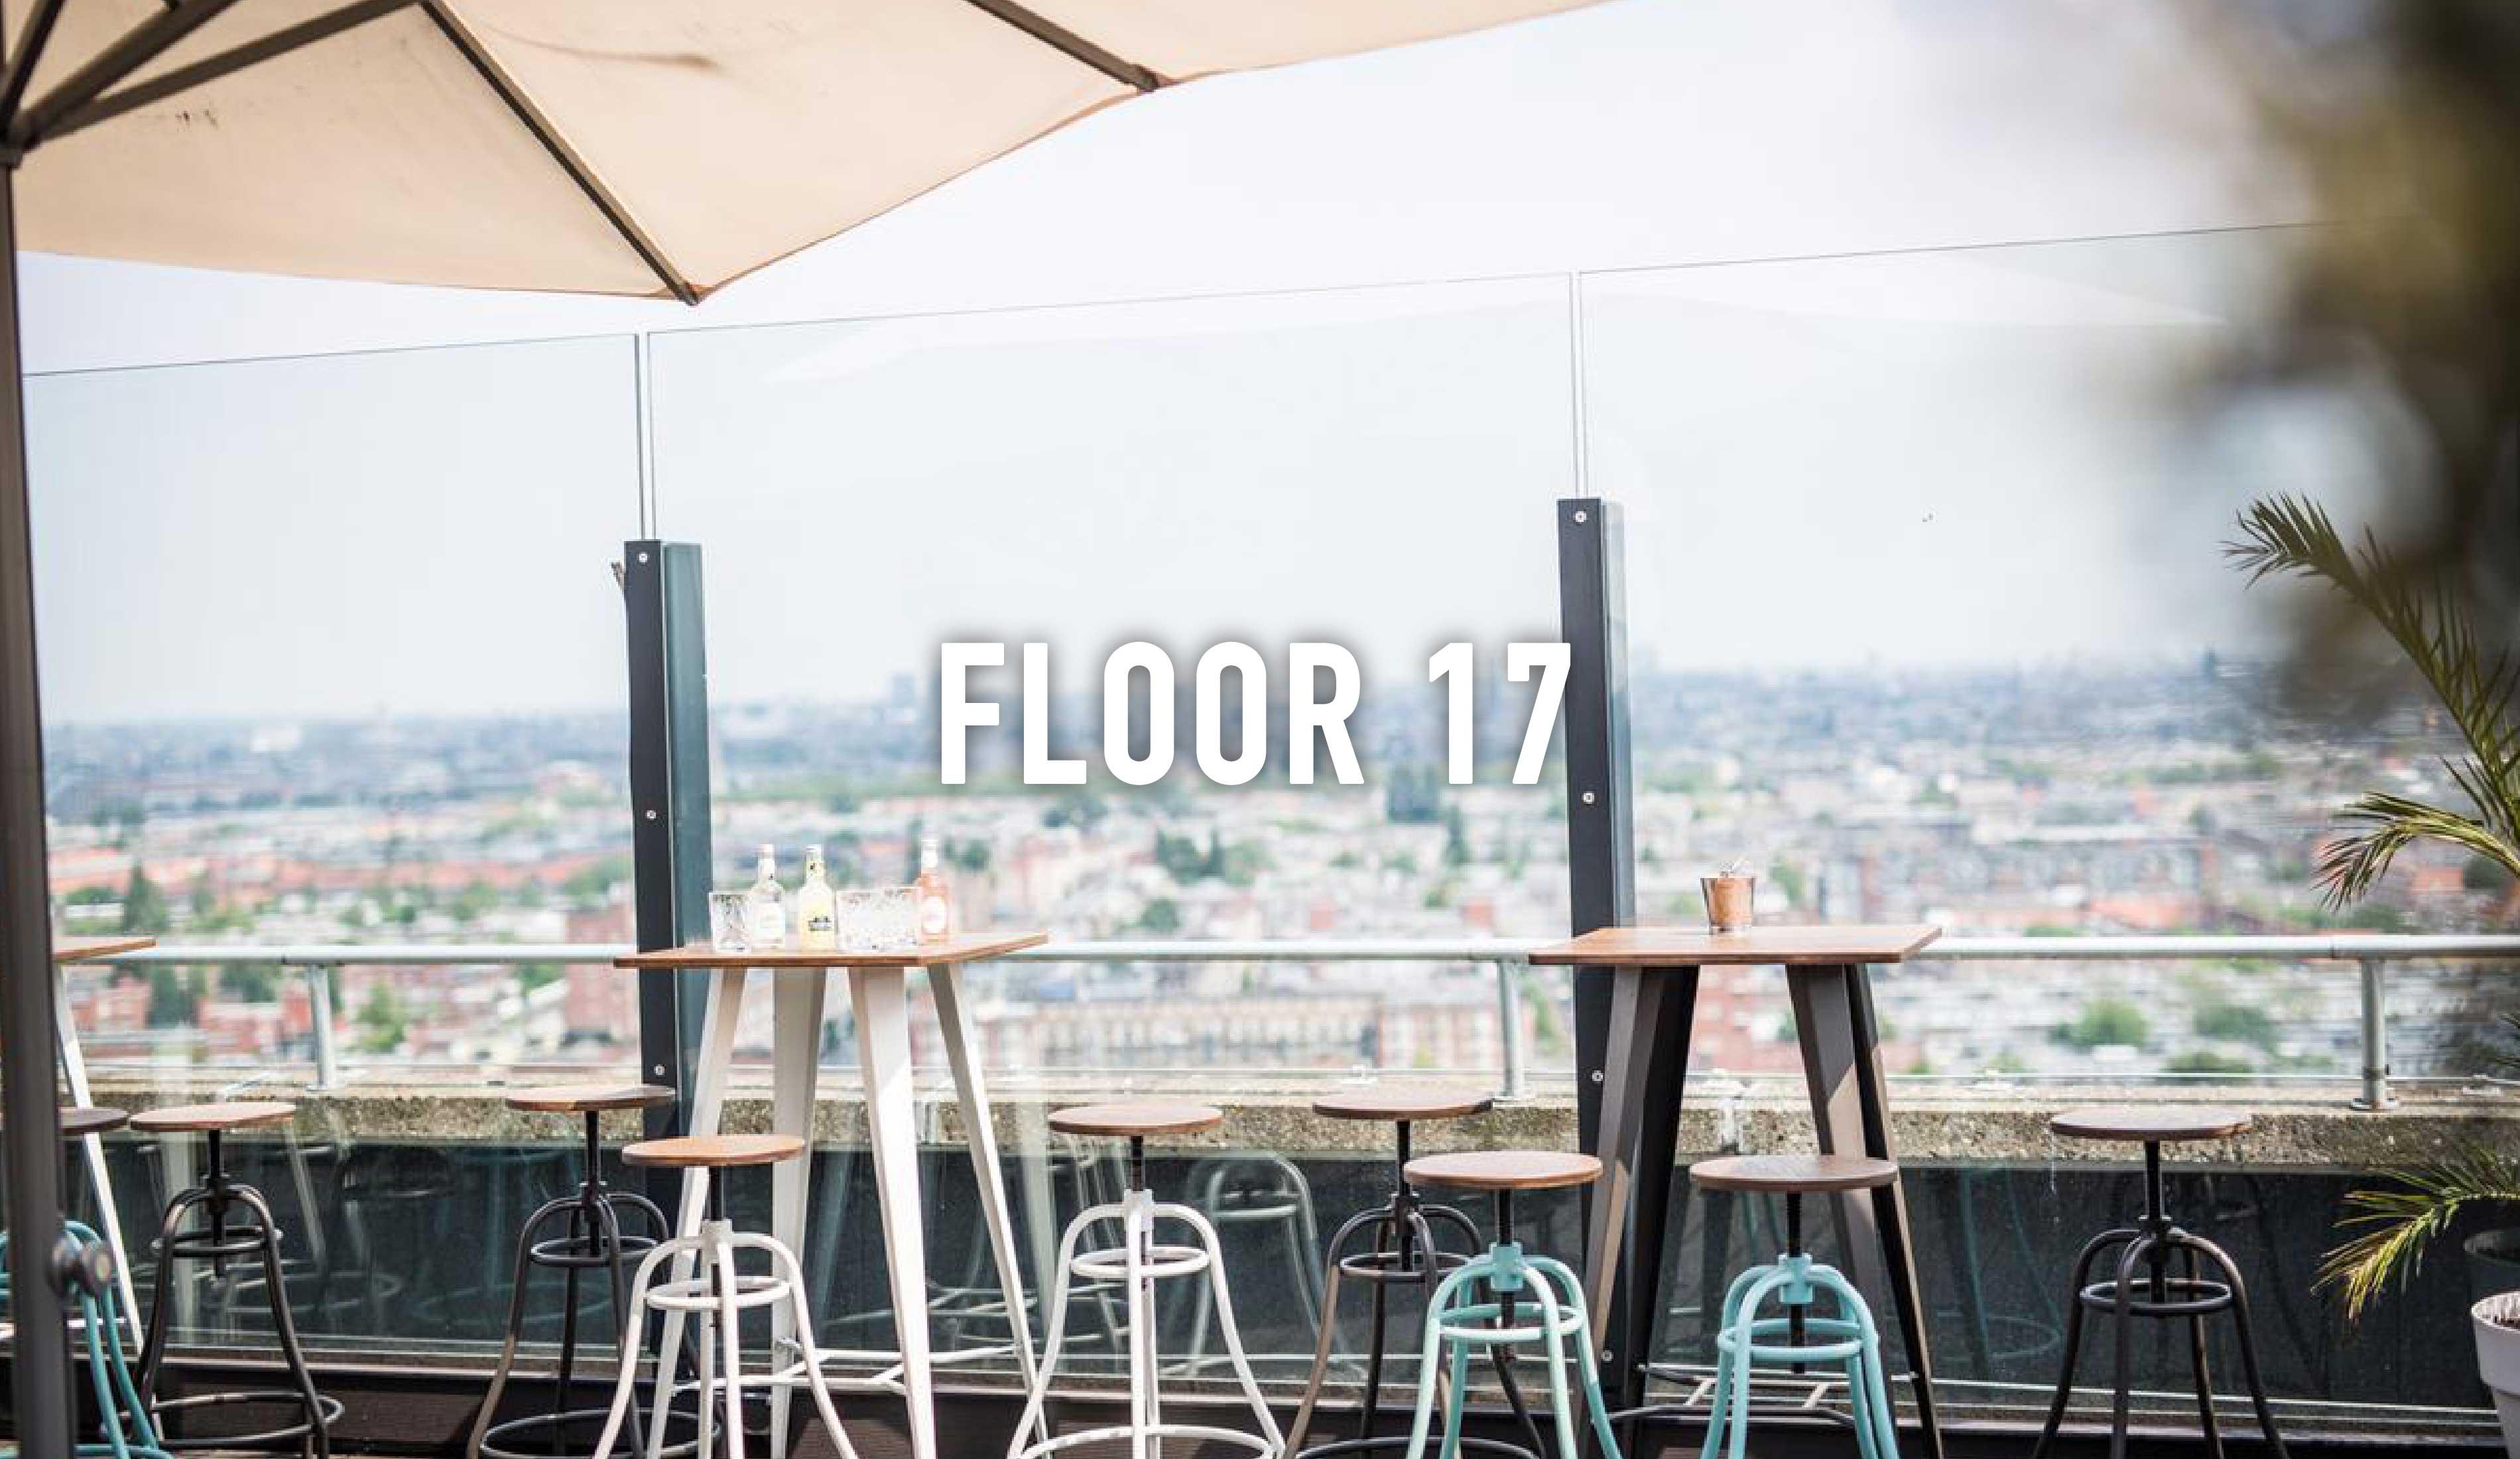 Floor 17